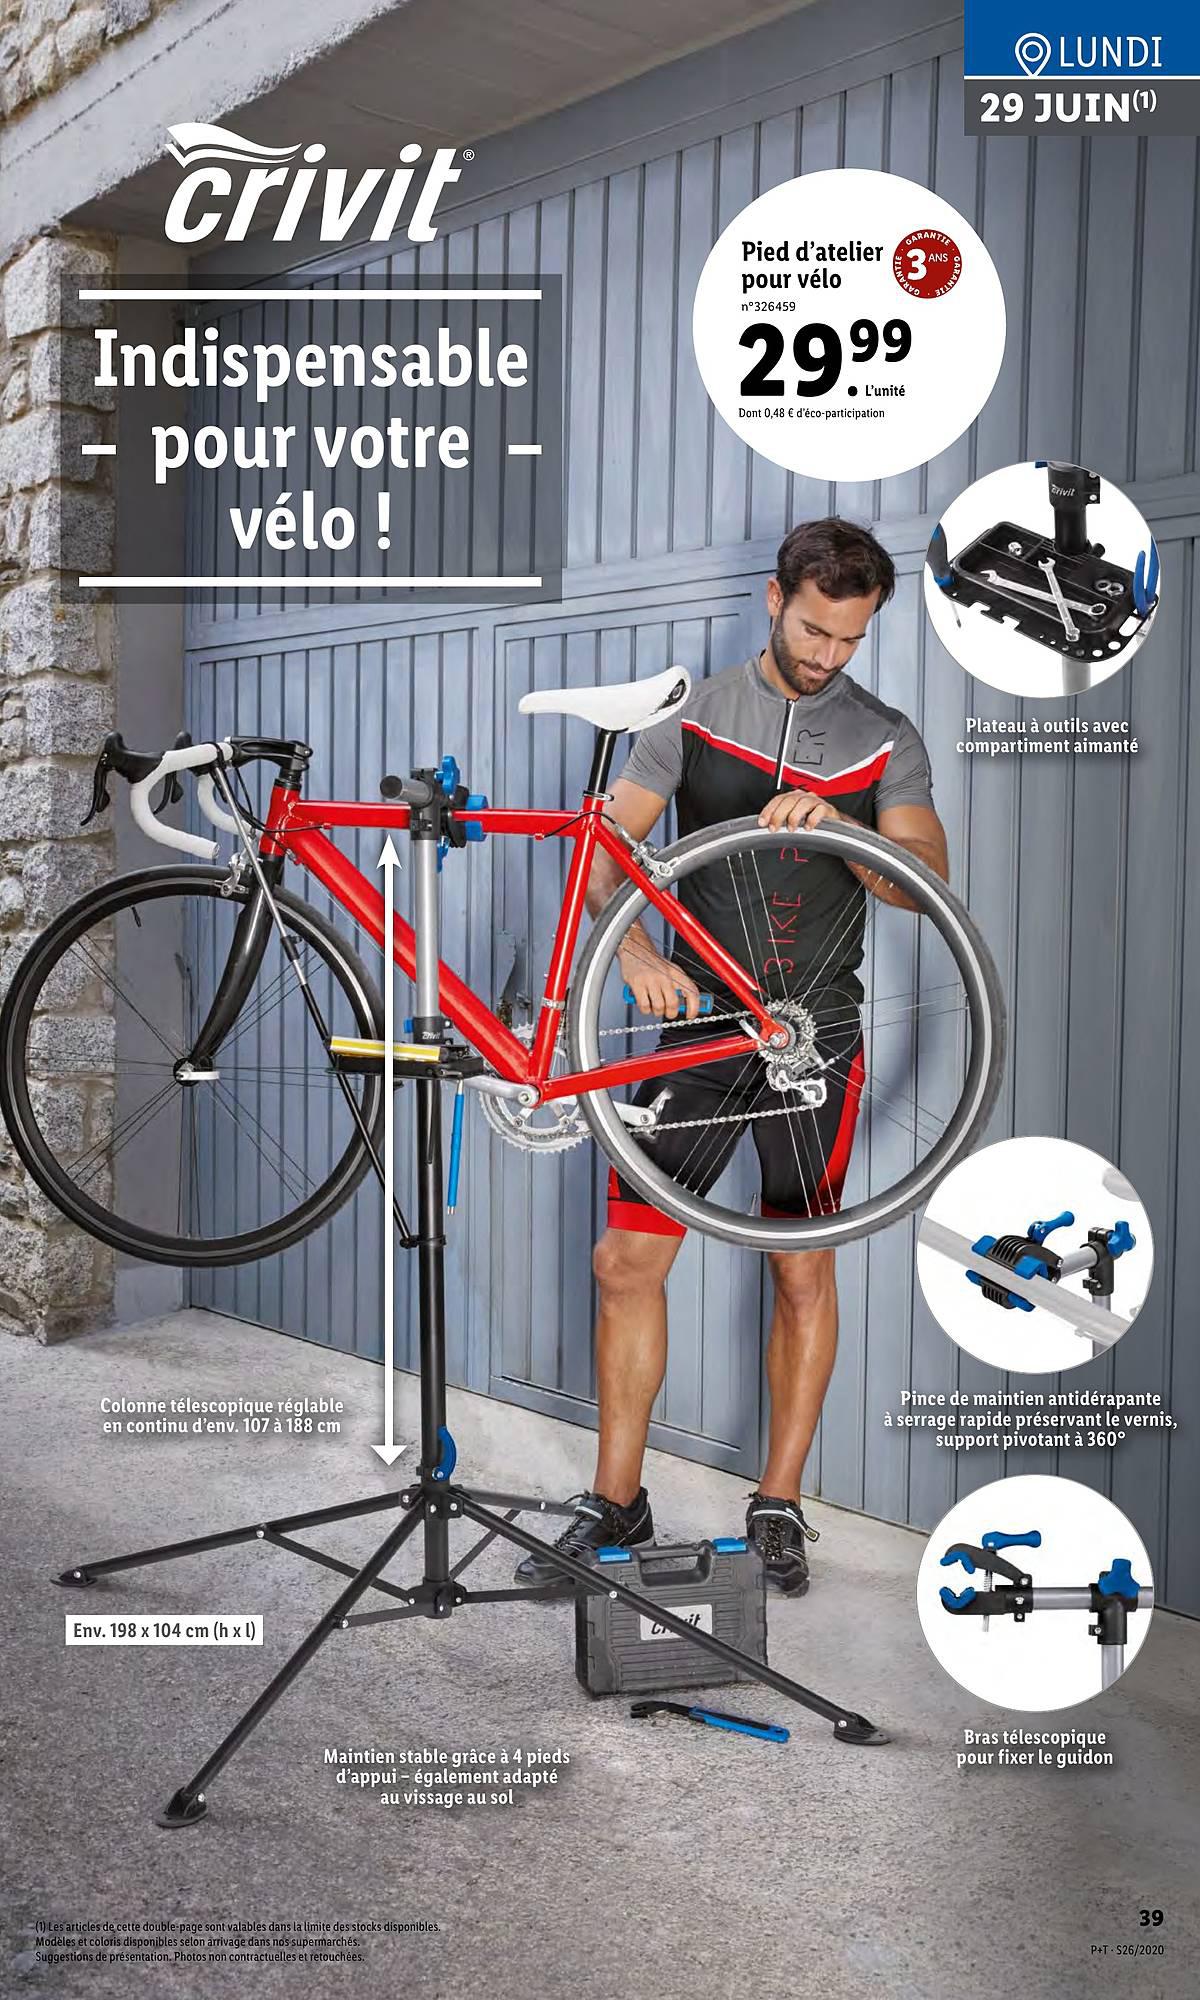 Lidl Pied D'atelier Pour Vélo